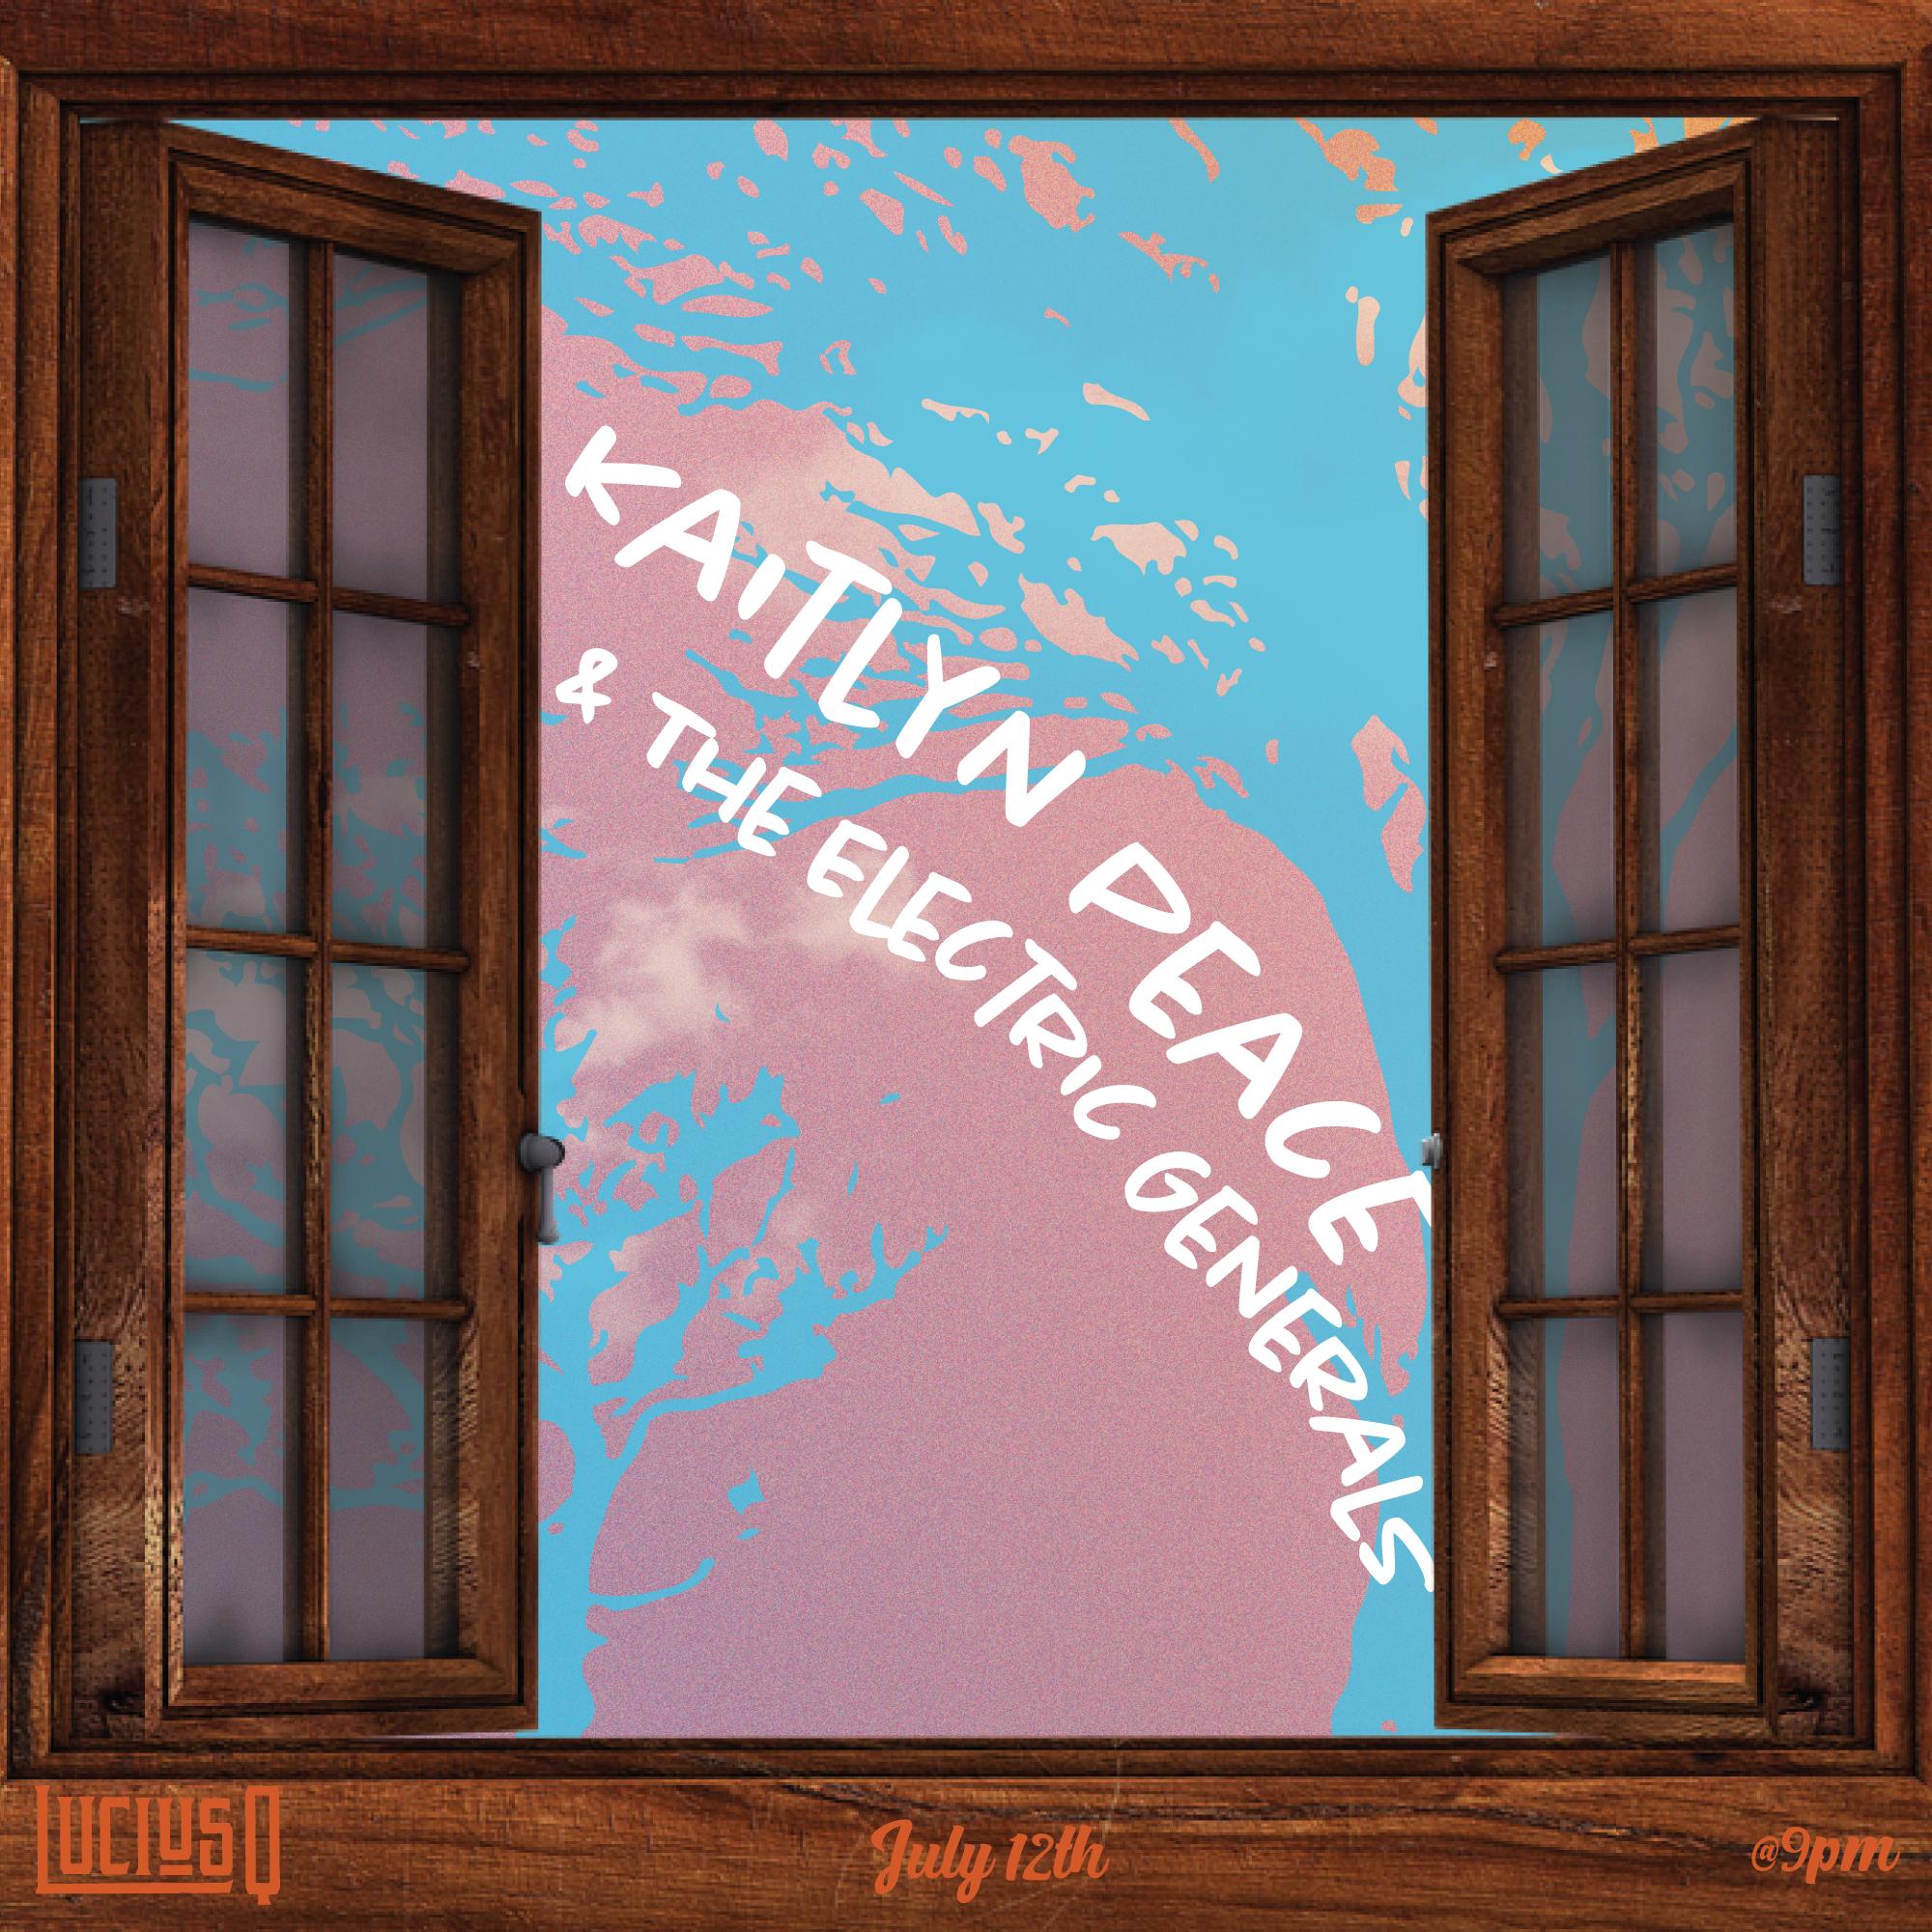 FiR-Creative---LuciusQ---Kaitlyn-Peace.png